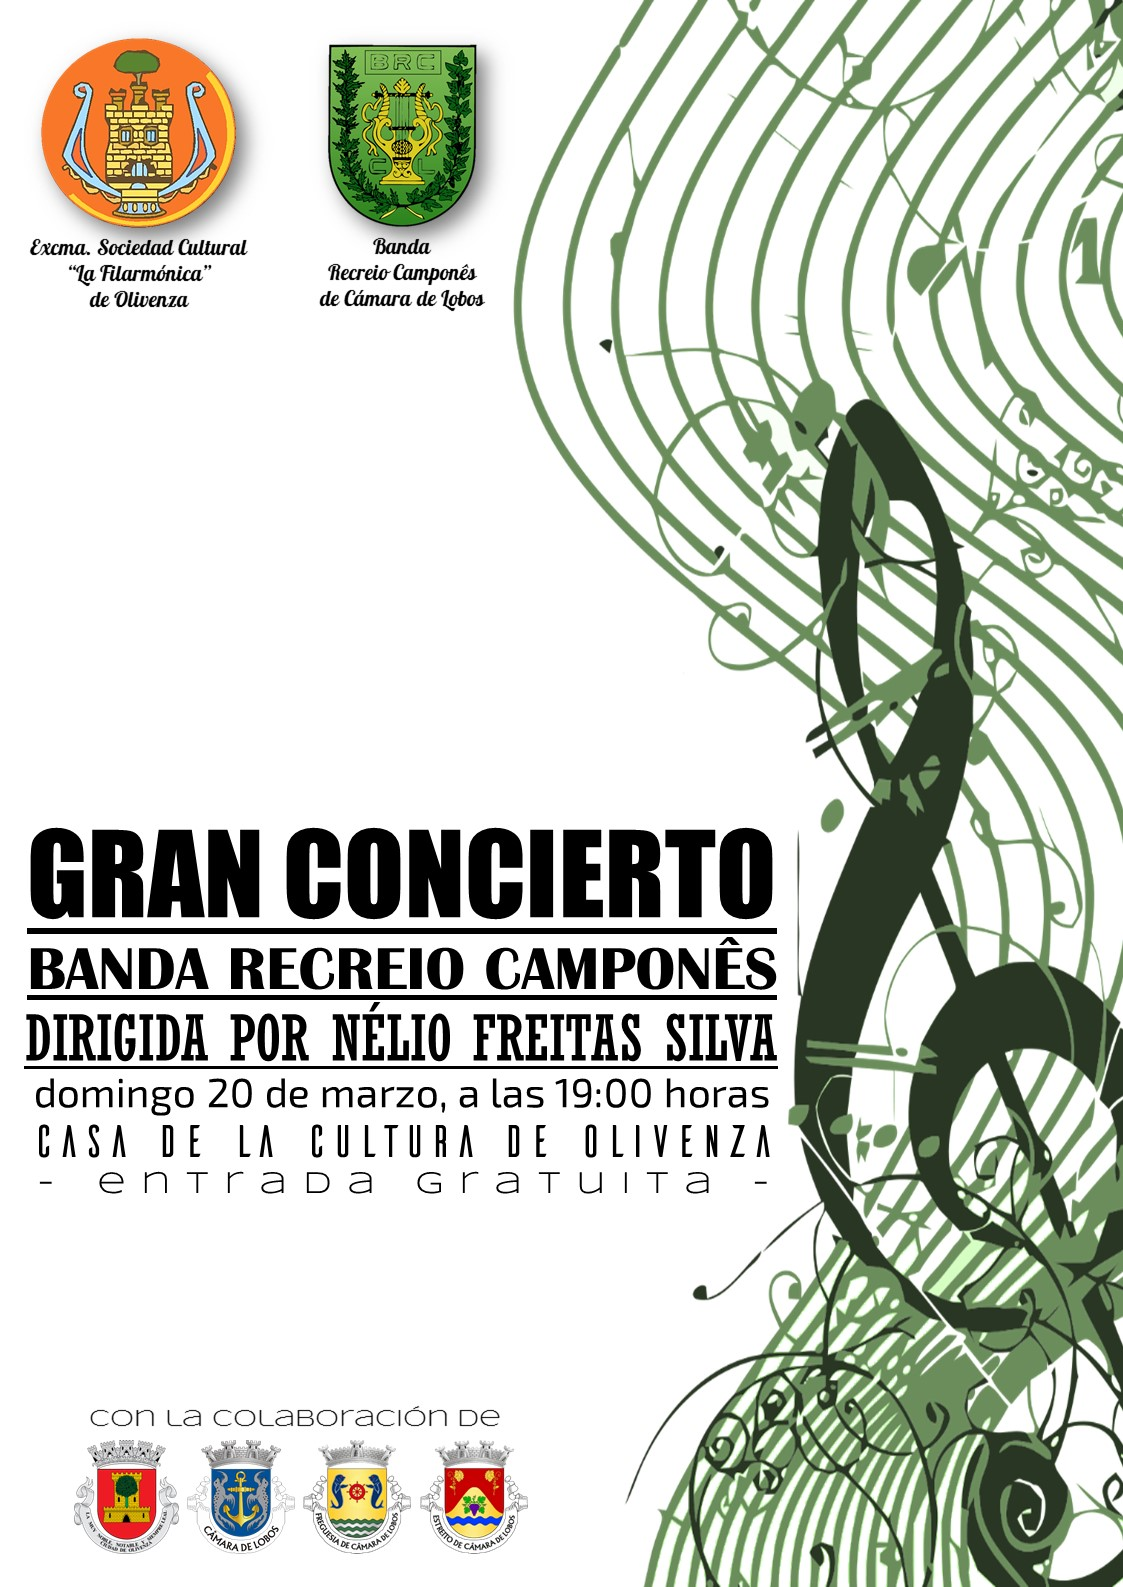 Mañana a las 19:00h. la banda Recreio Camponês, de Madeira, dará un concierto gratuito en la casa de la cultura